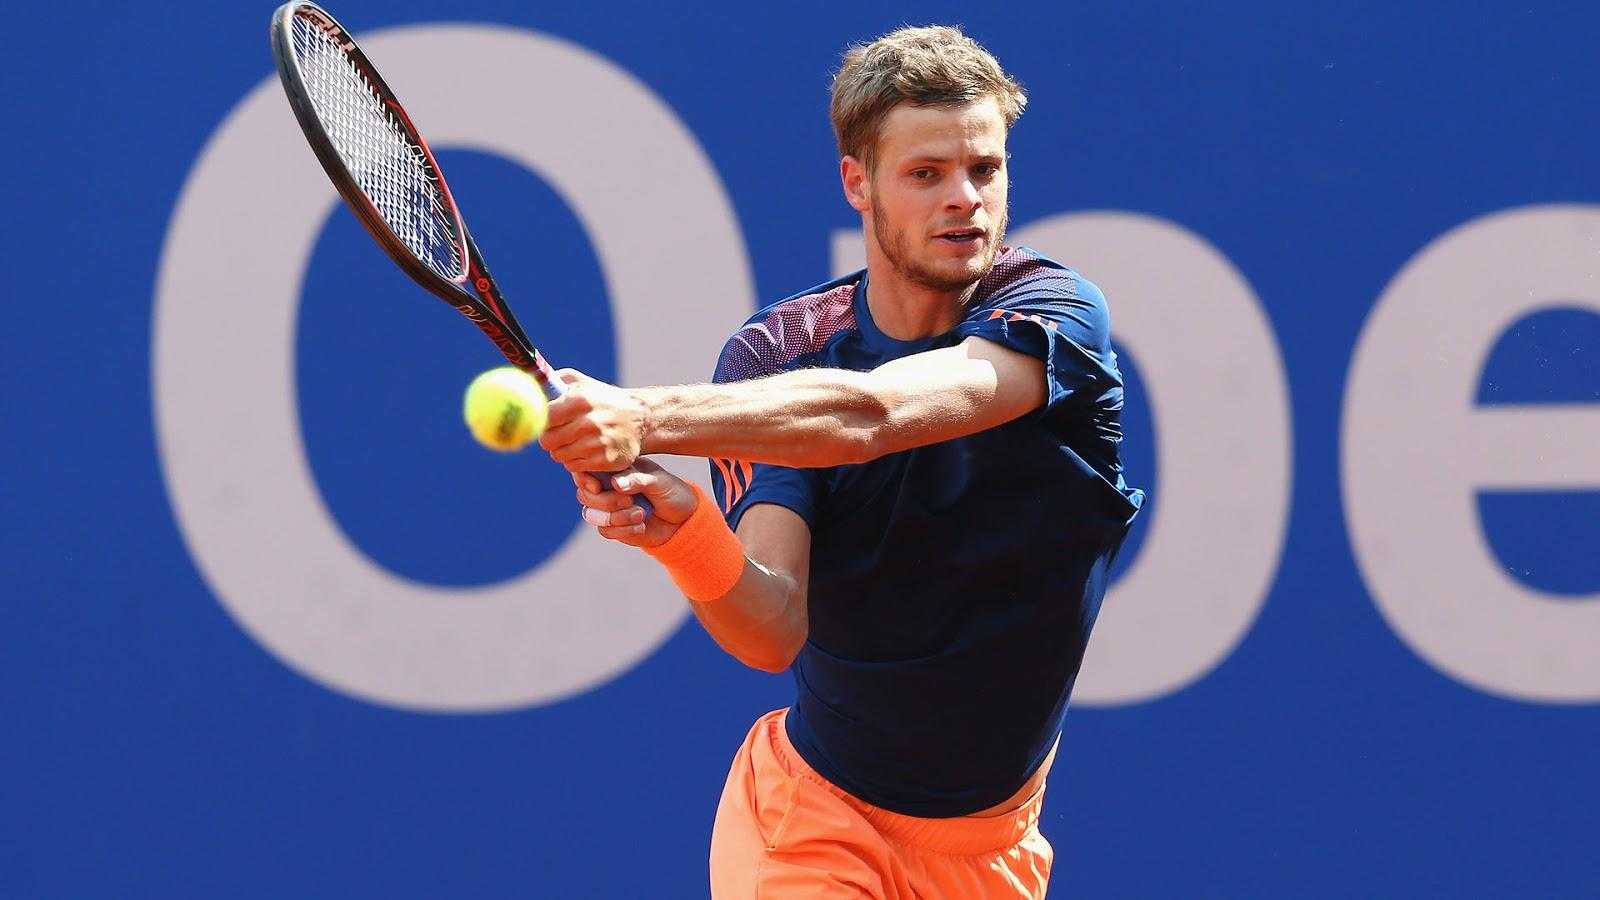 Надежные ставки на спорт теннис украина заработать в интернете без вложений